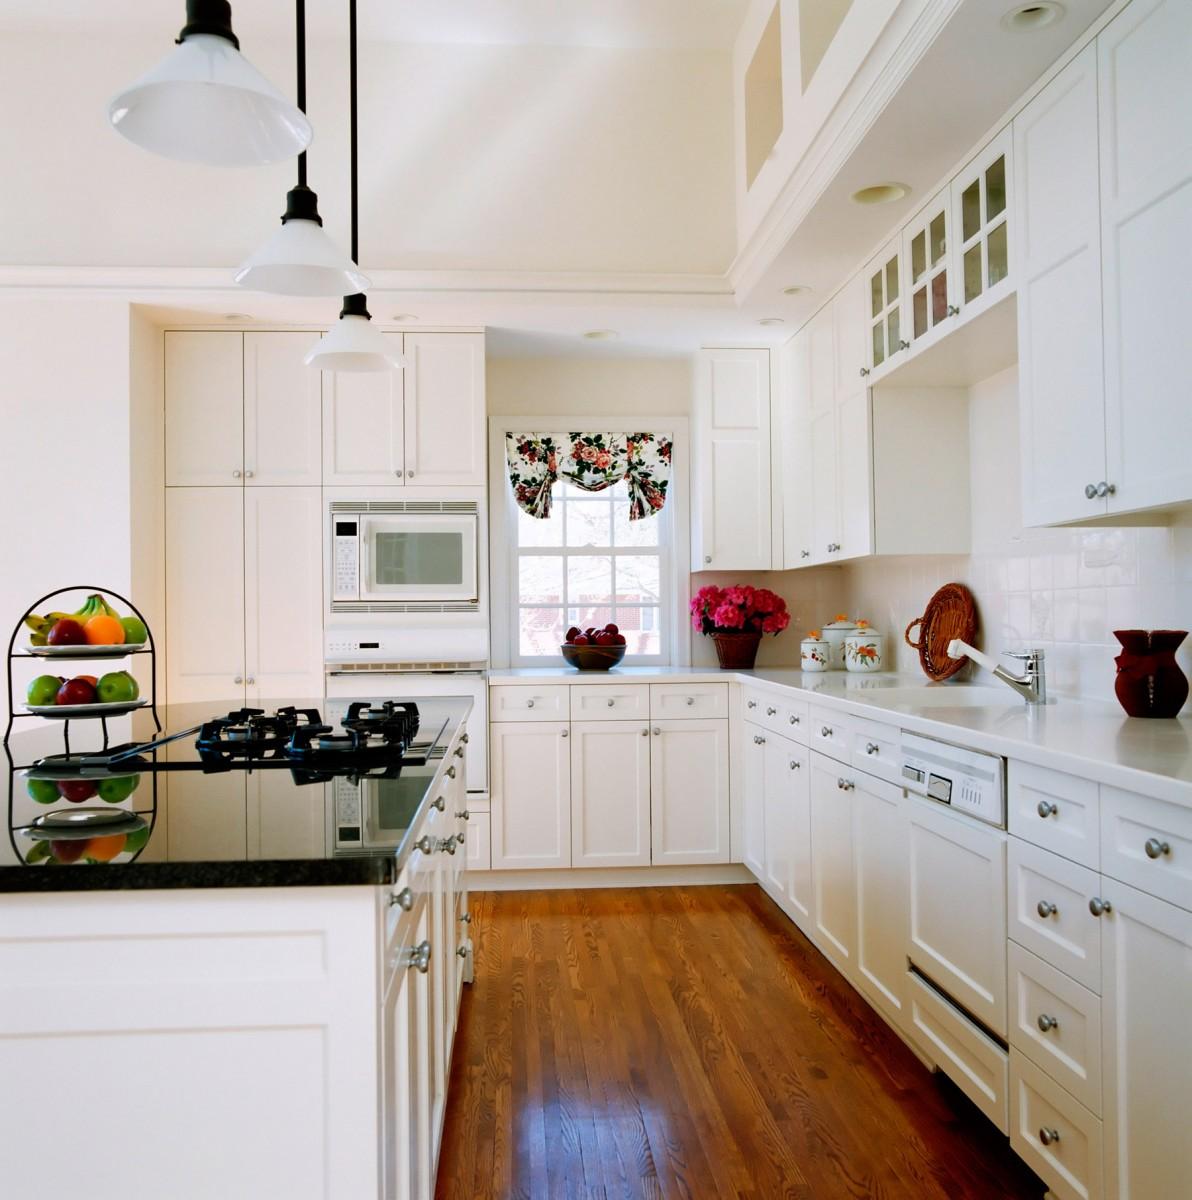 Galley Kitchen Ideas 2016: Tips Membuat Ruang Dapur Sempit Menjadi Lebih Luas, Nyaman